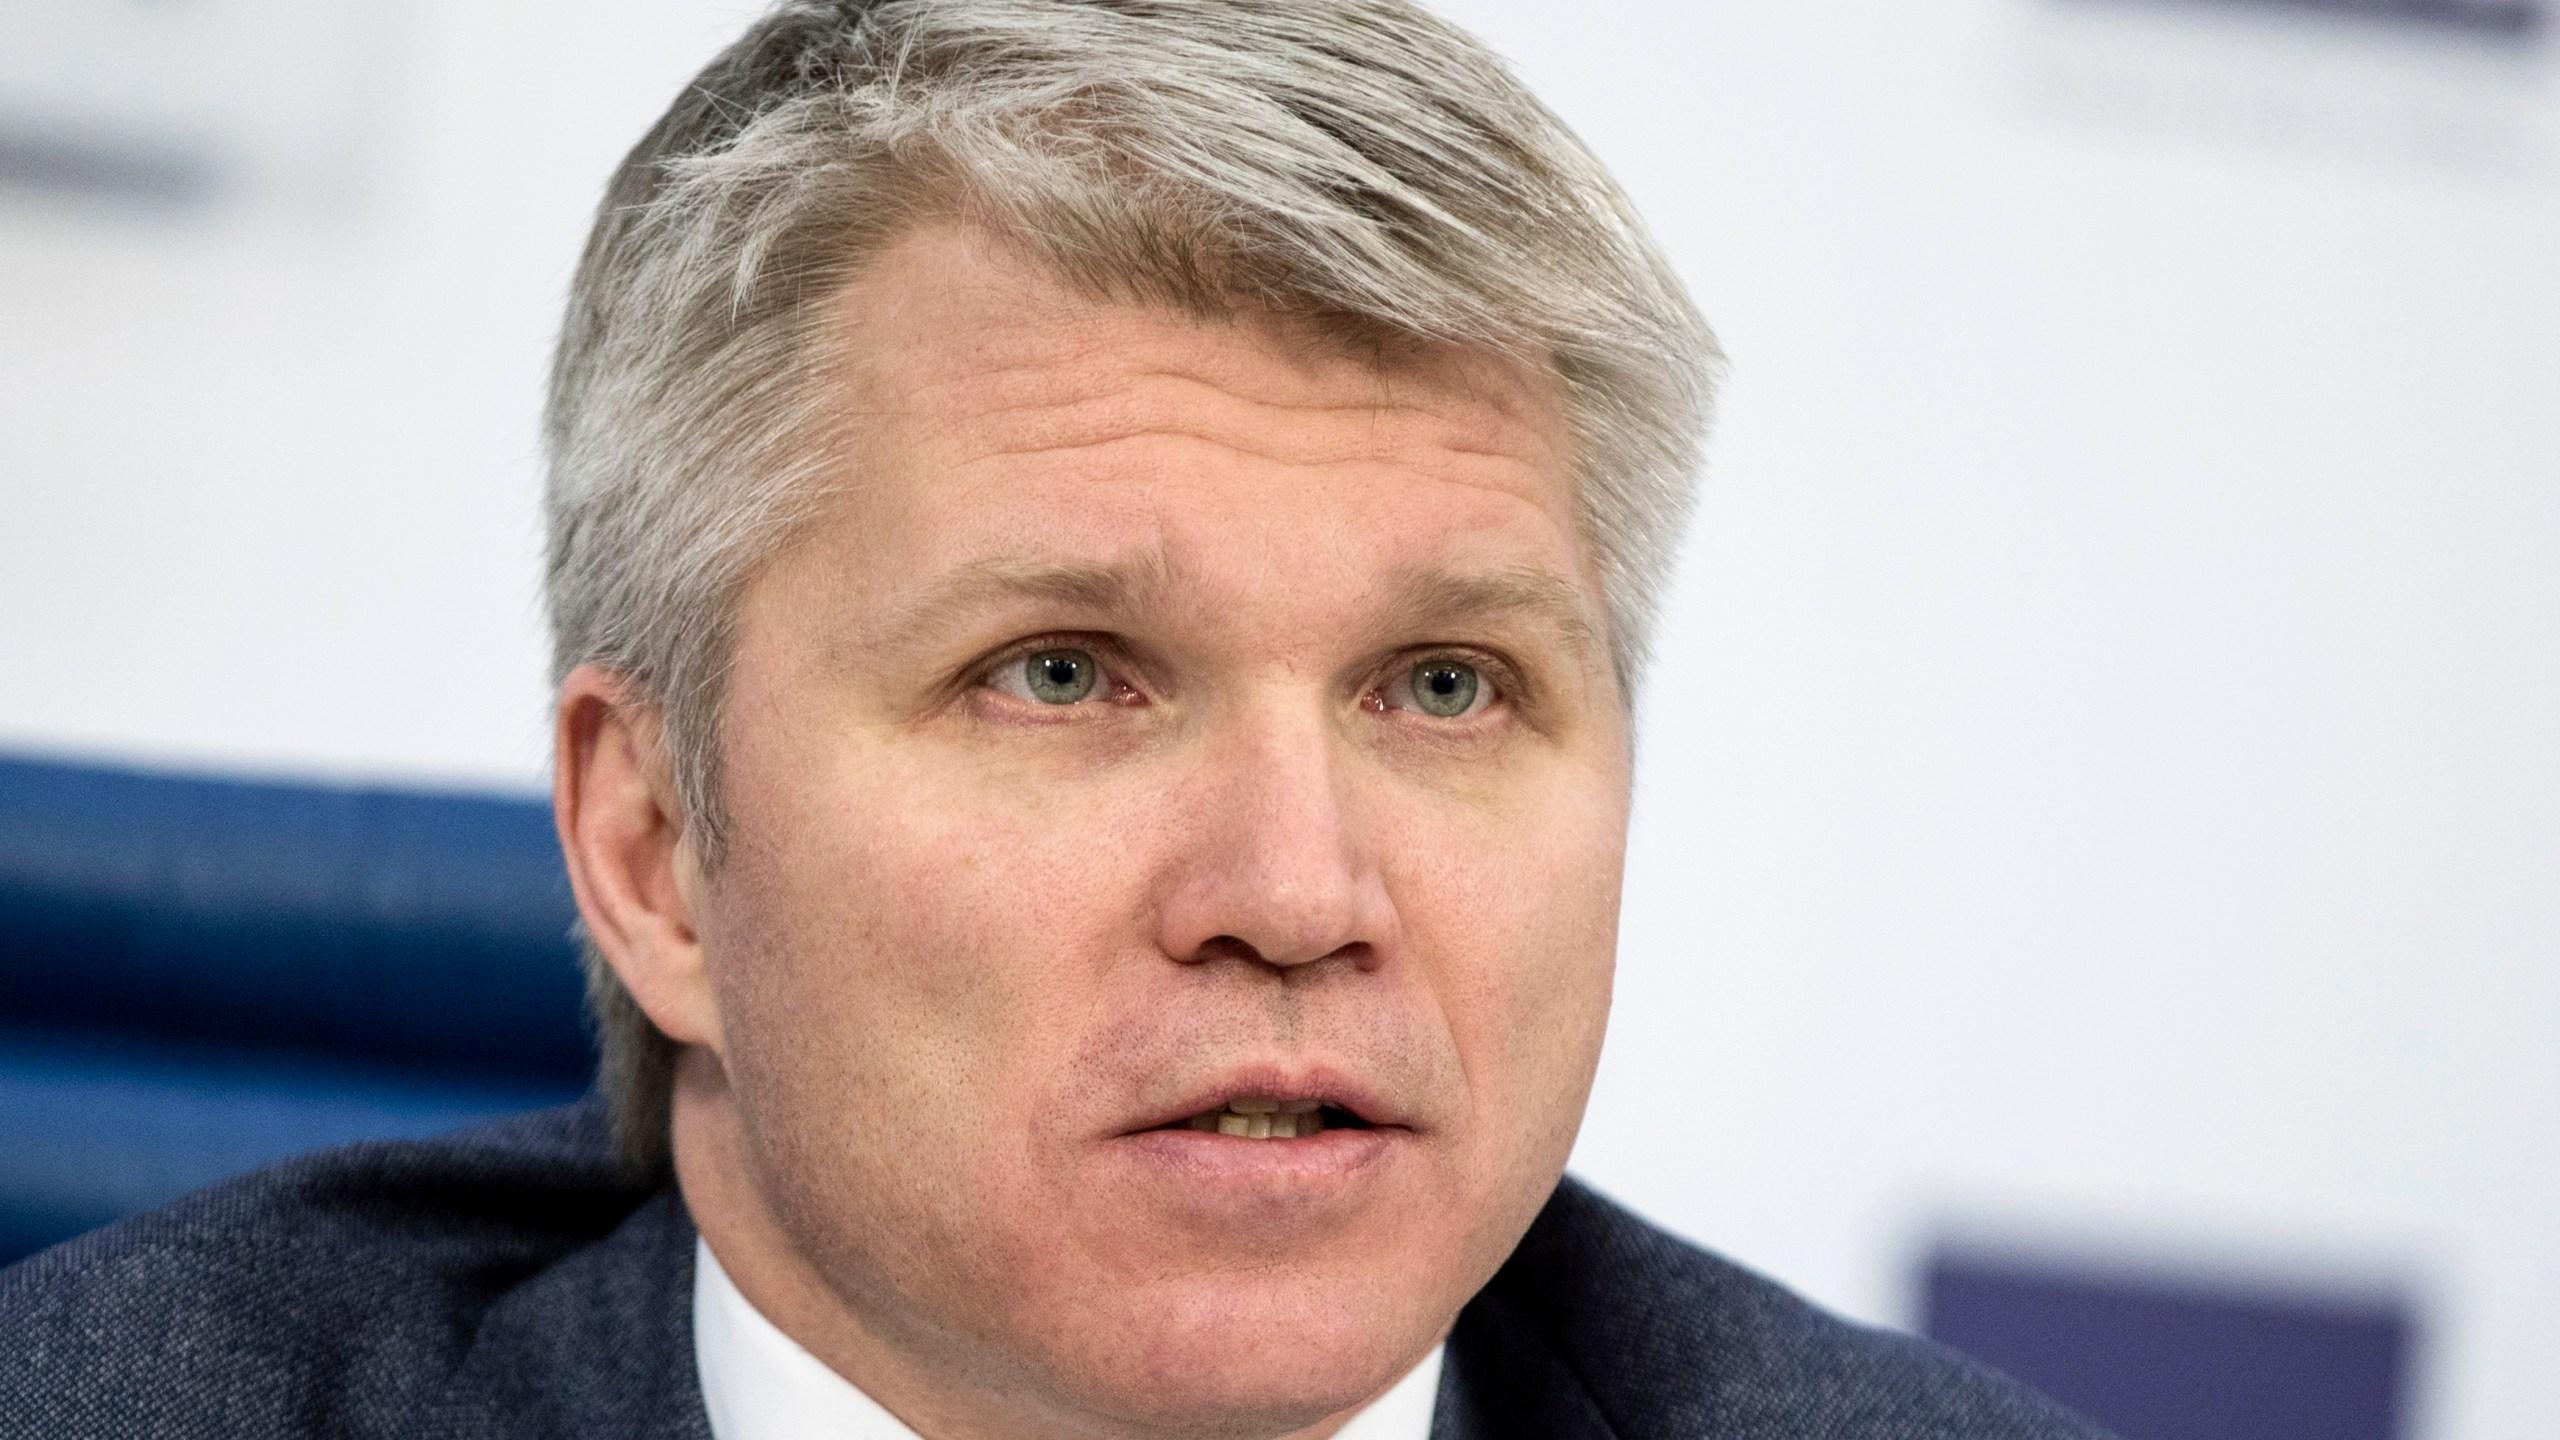 Pavel Kolobkov